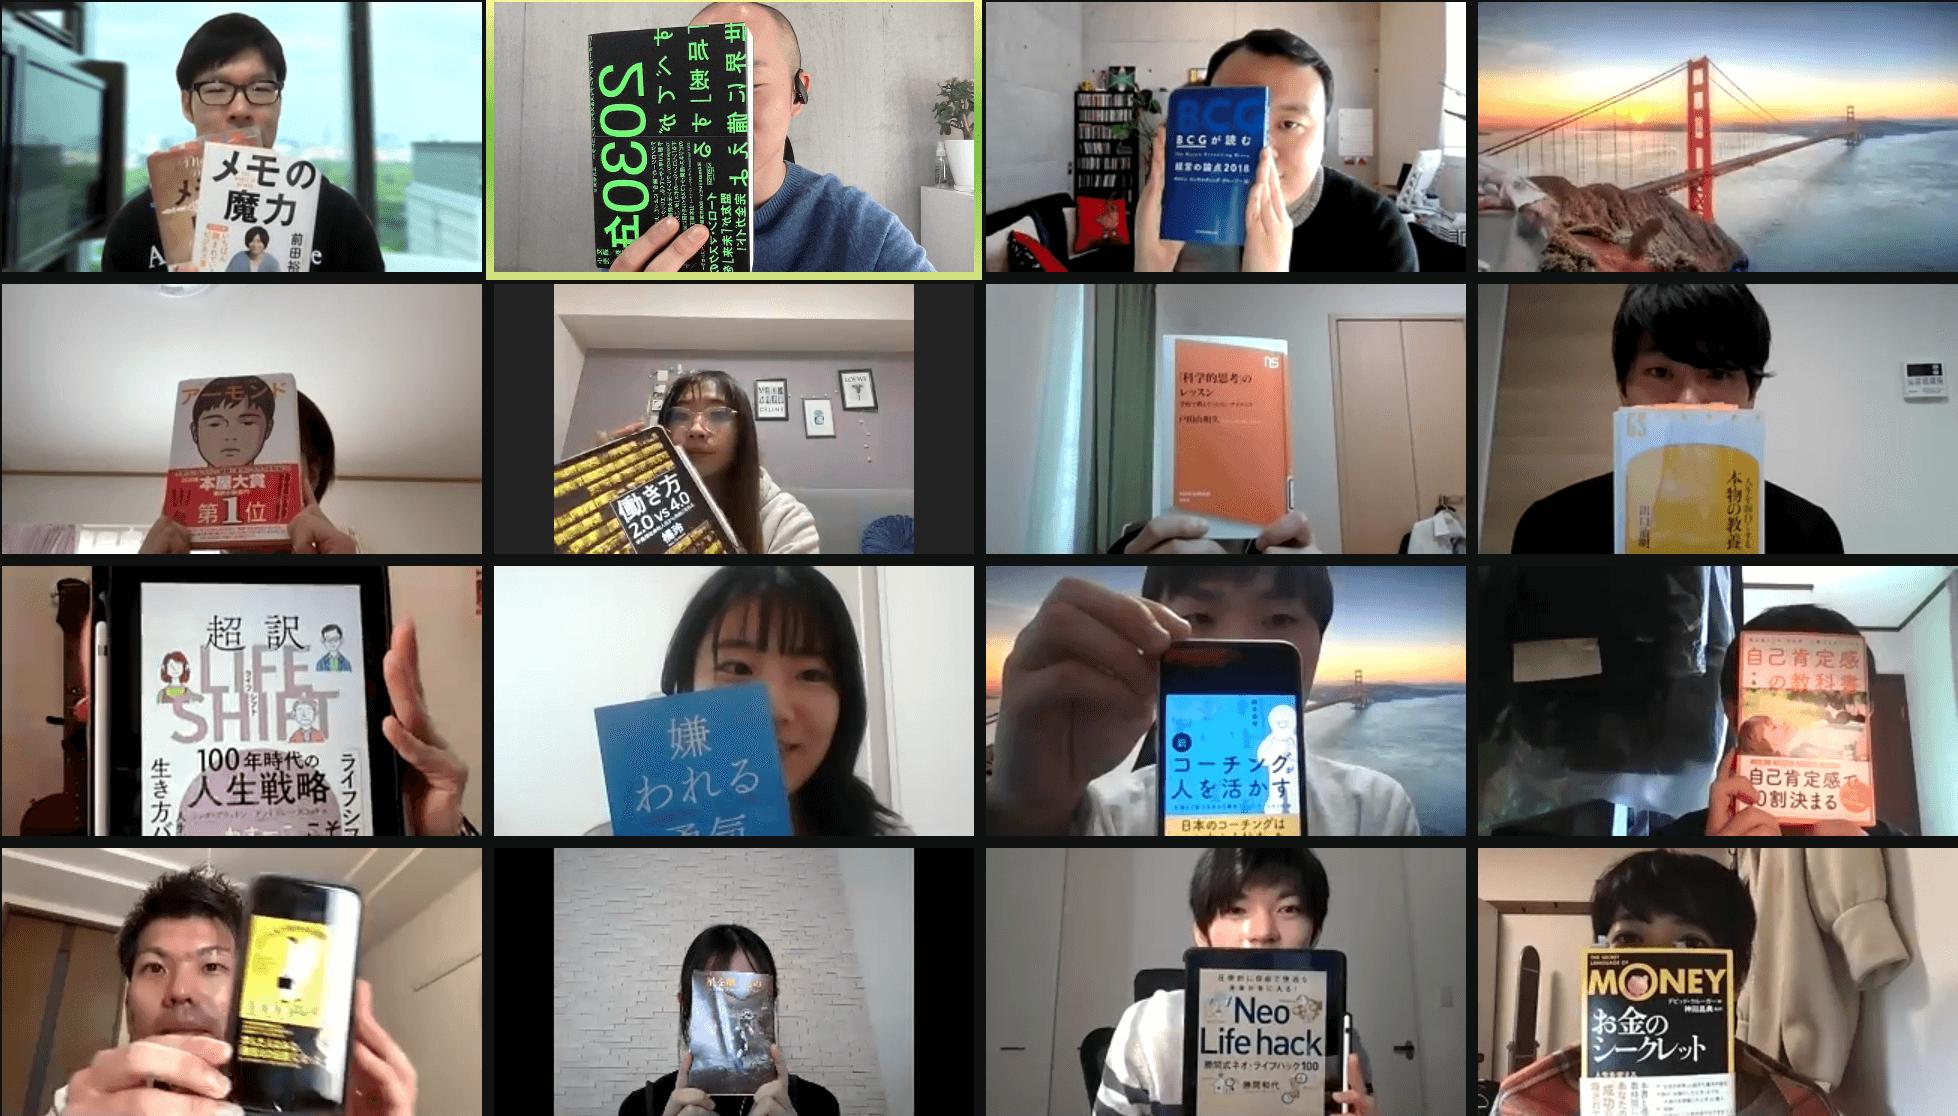 2021年02月06日 Zoomオンライン読書会の開催報告